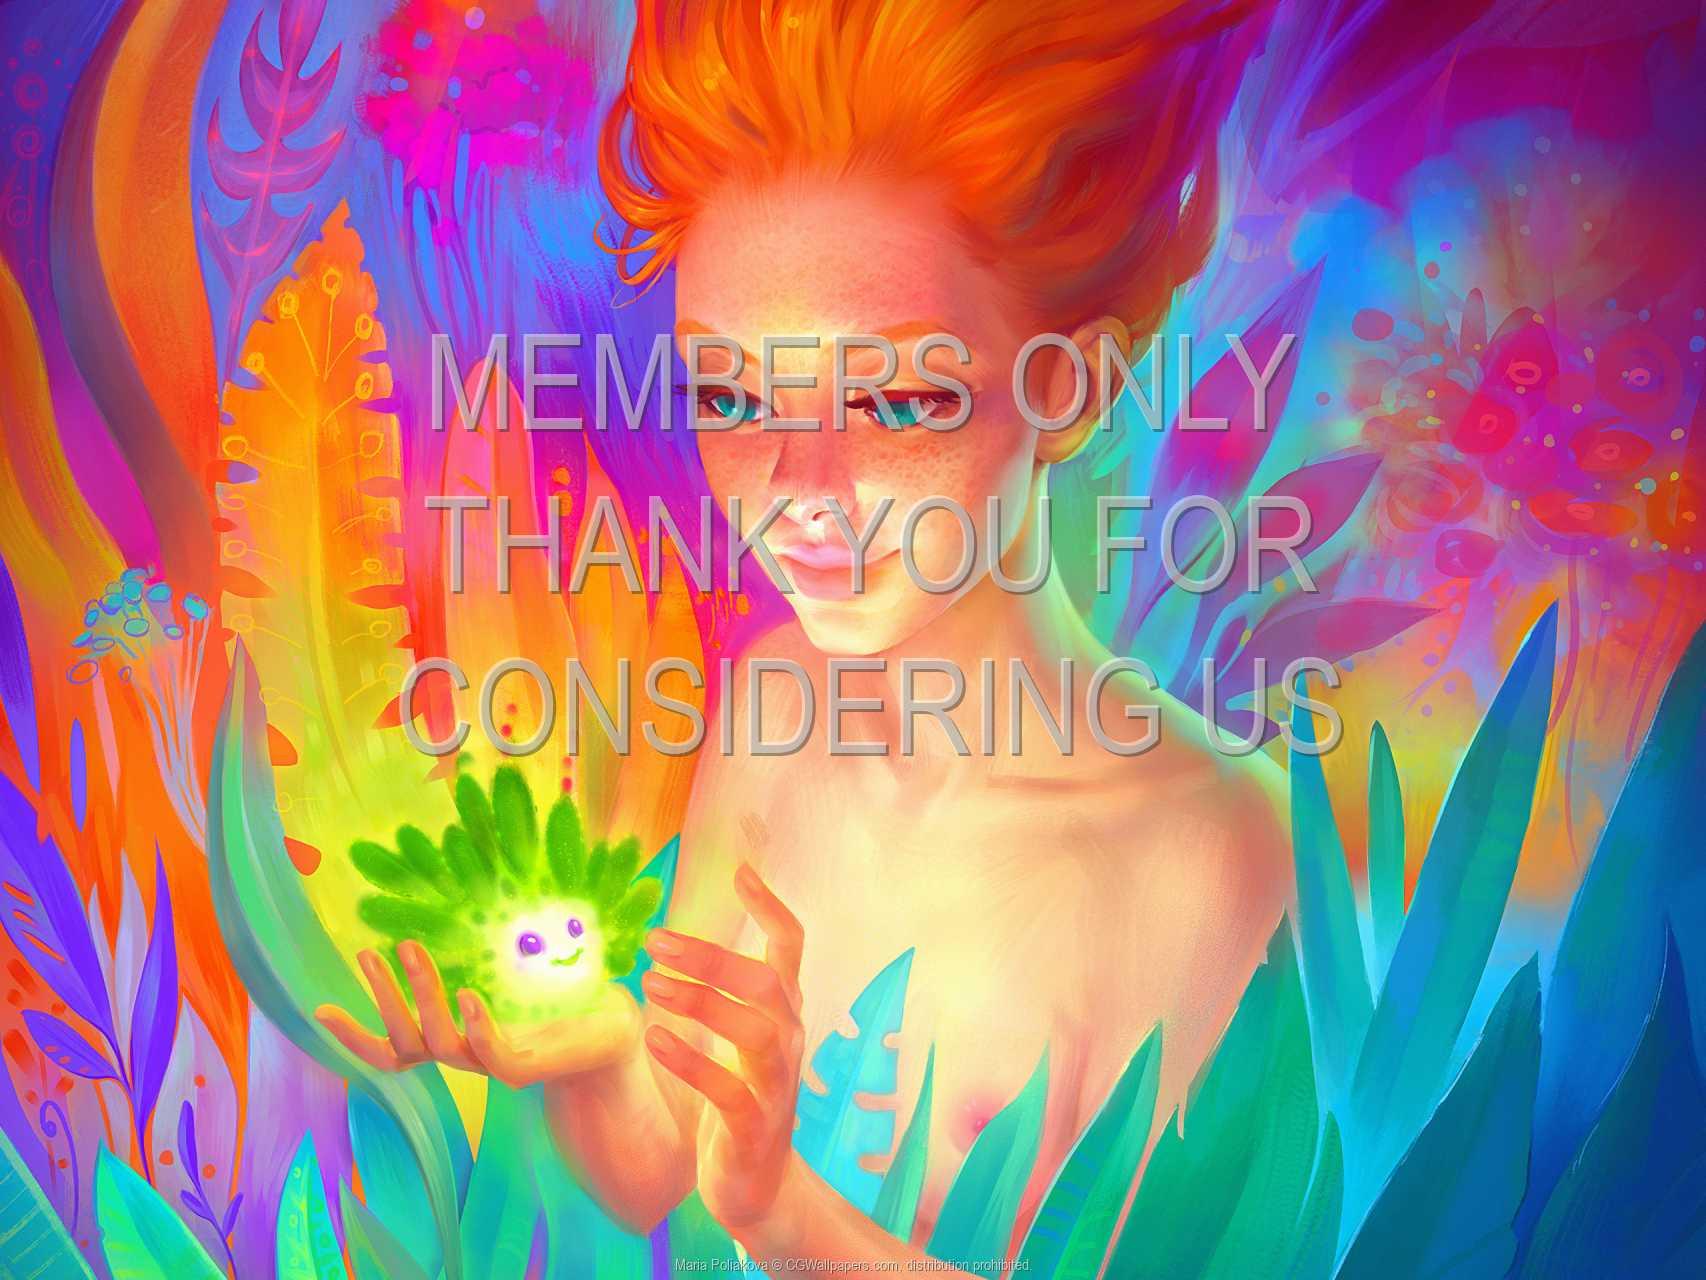 Maria Poliakova 720p Horizontal Mobile wallpaper or background 01